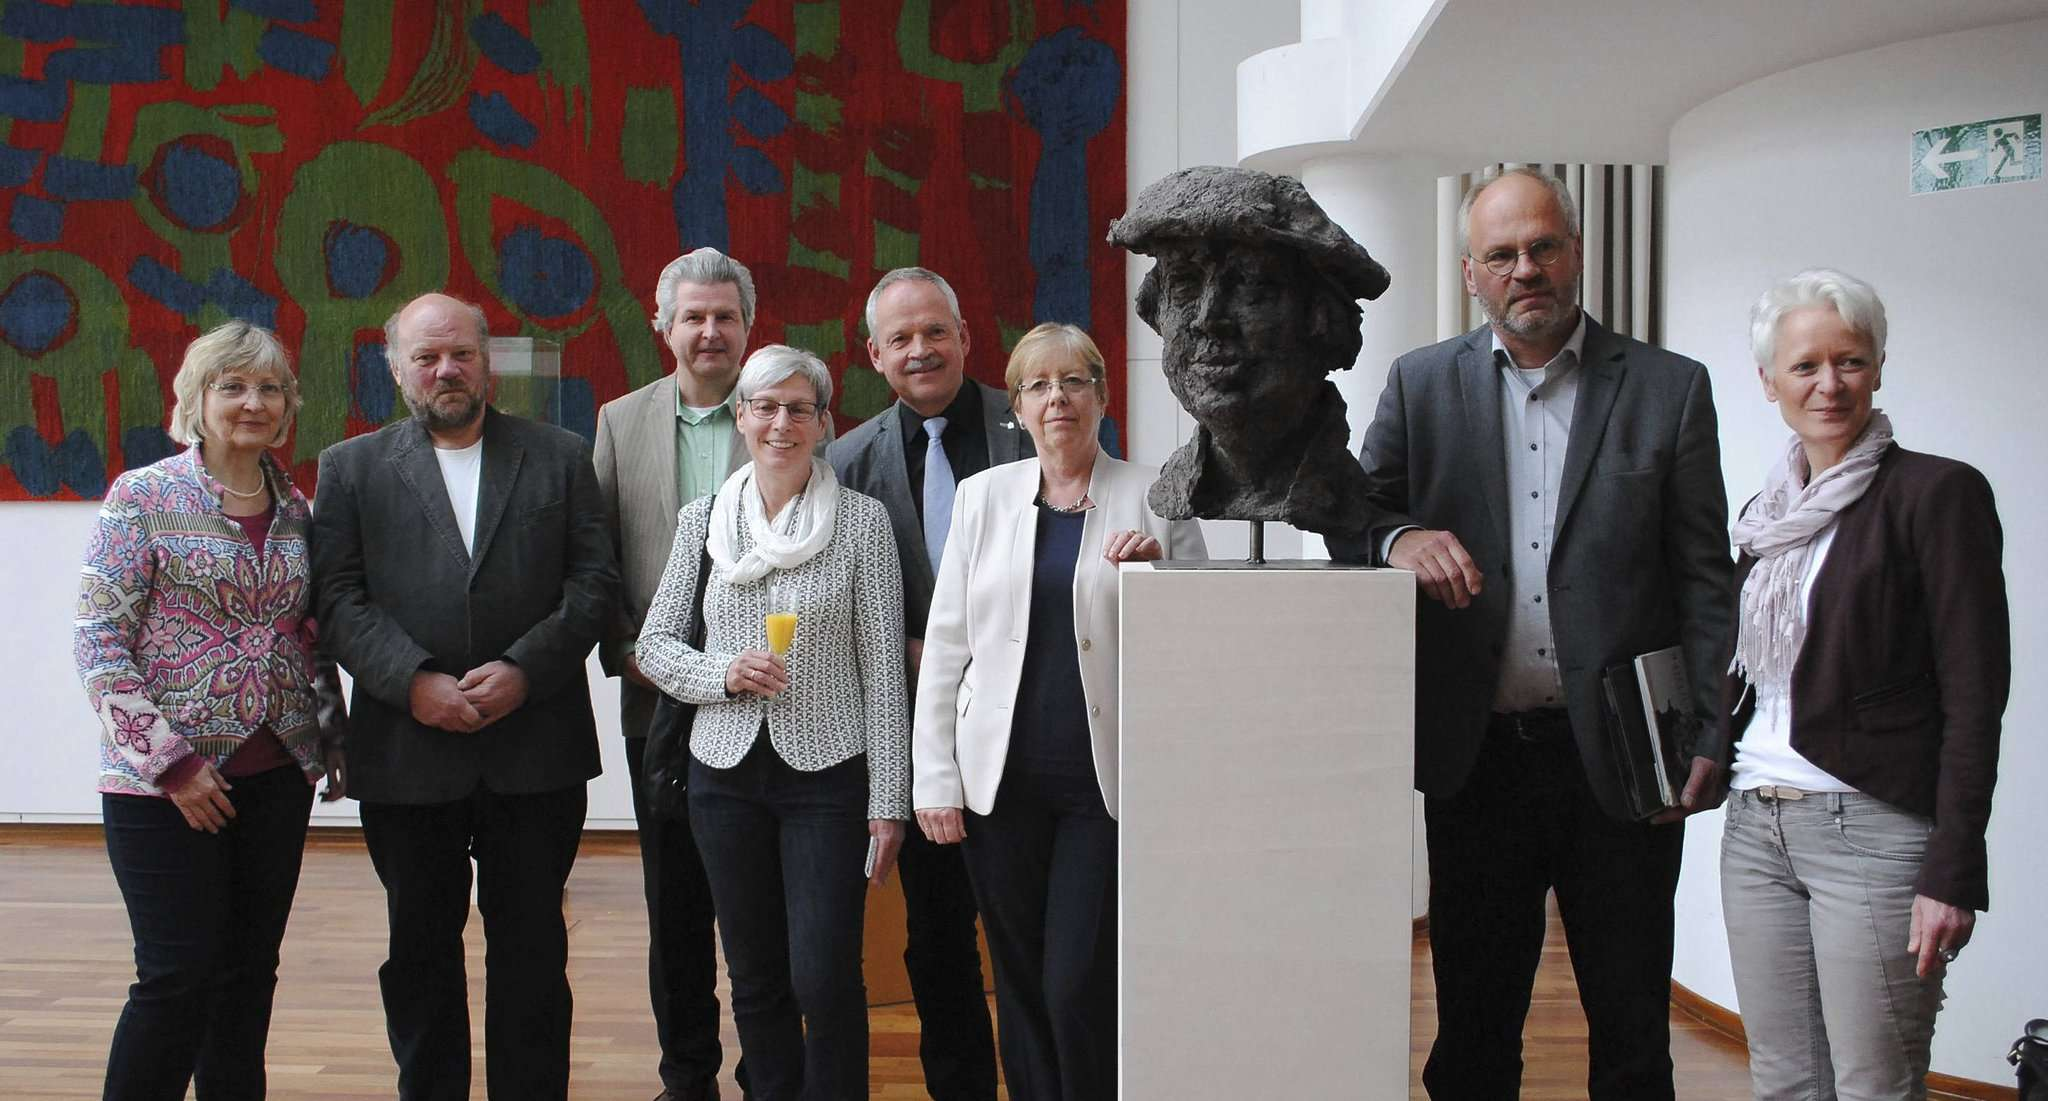 Bei der Ausstellungseröffnung im Rotenburger Ratssaal stellten die Verantwortlichen die Werke des Künstlers vor.